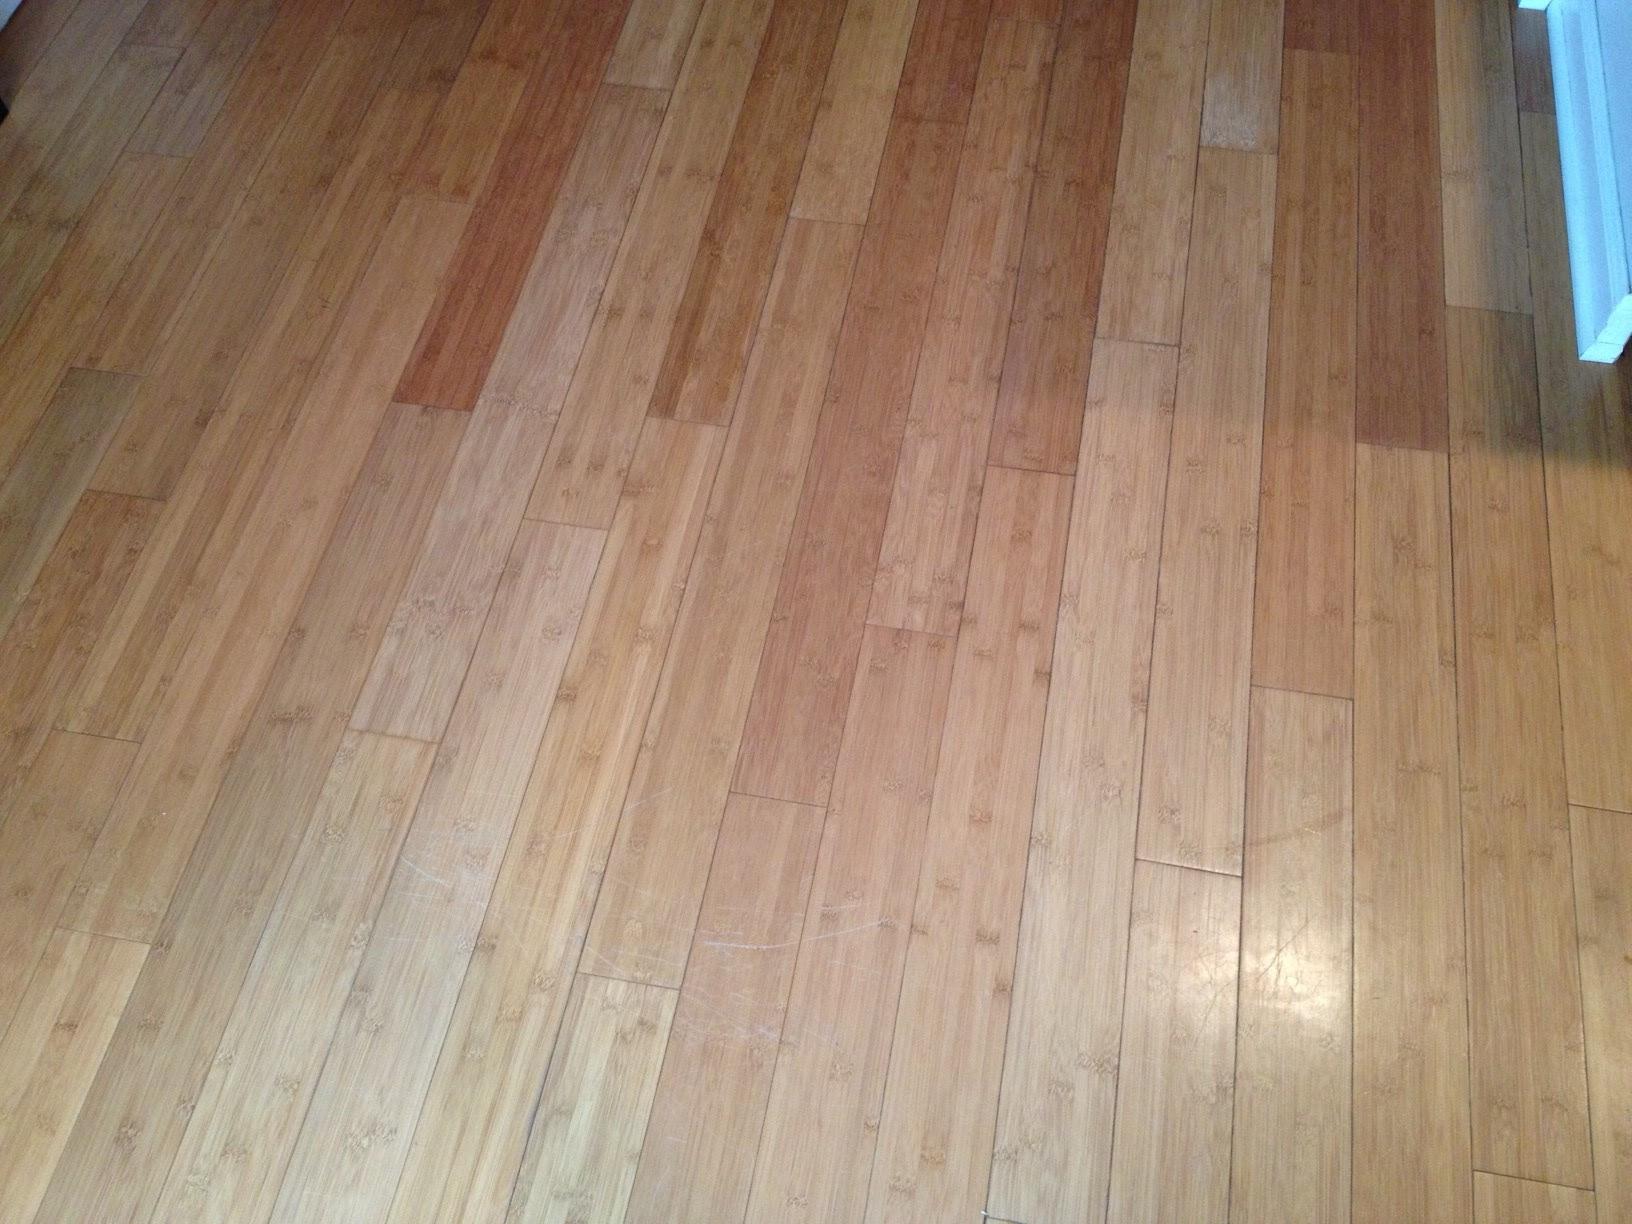 Floor Best Wood Cleaner Reddit